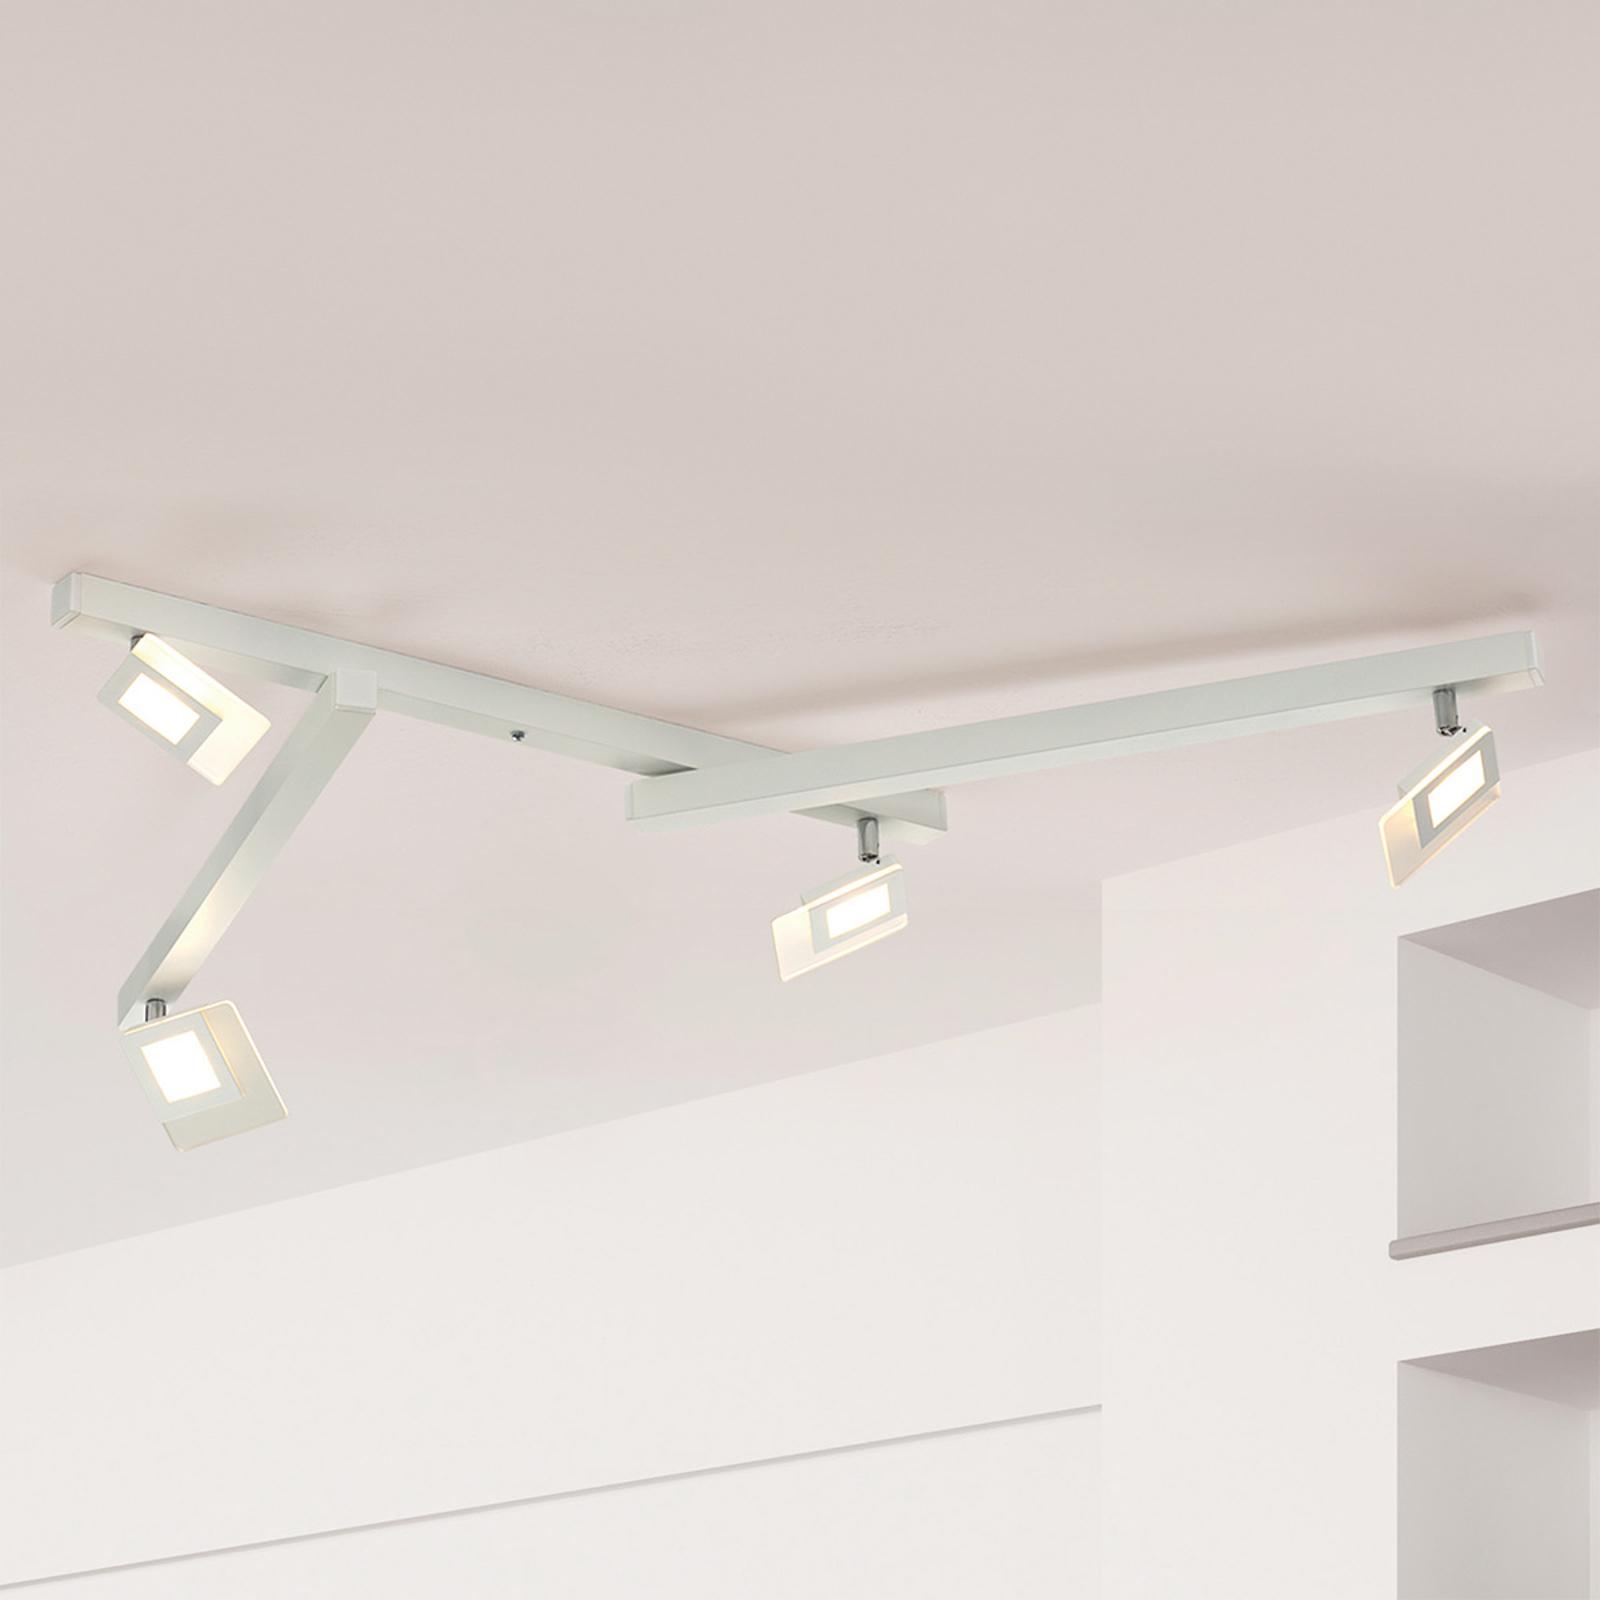 Lámpara de techo LED Line en blanco, cinco brazos